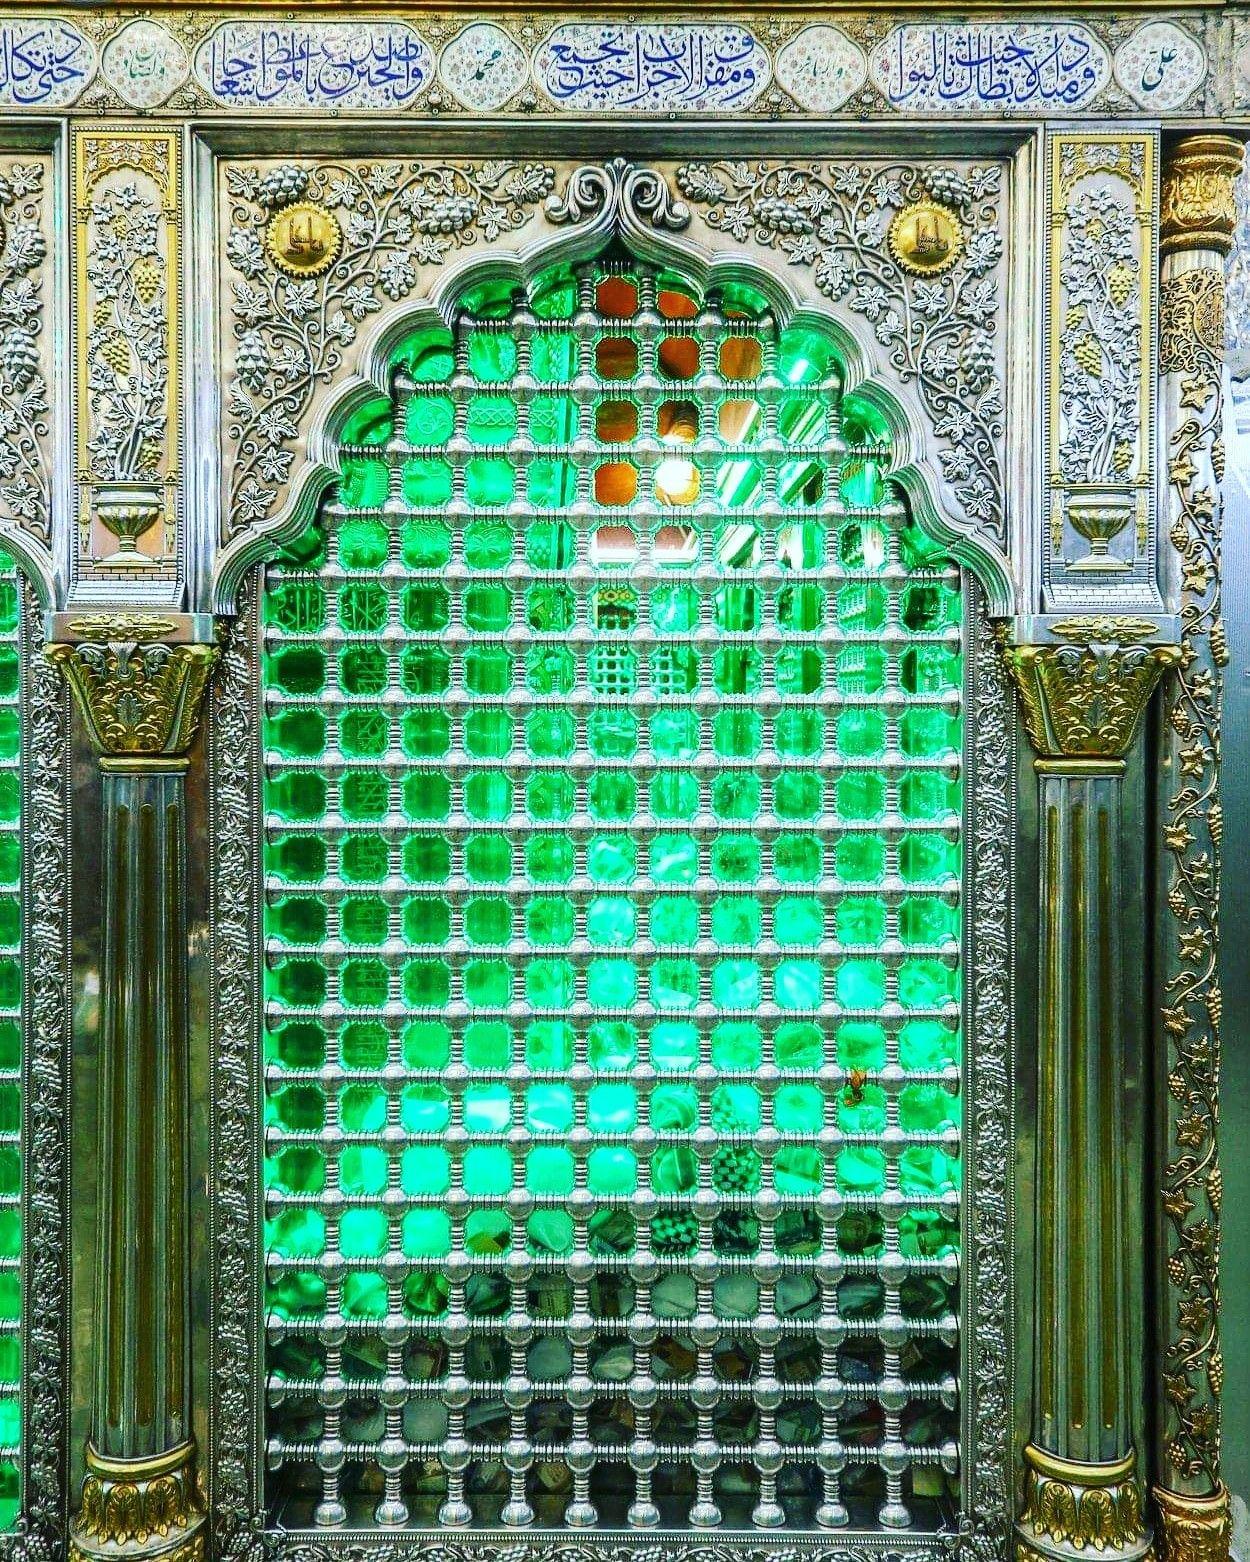 ضريح أمير المؤمنين علي بن أبي طالب Islamic Calligraphy Islam